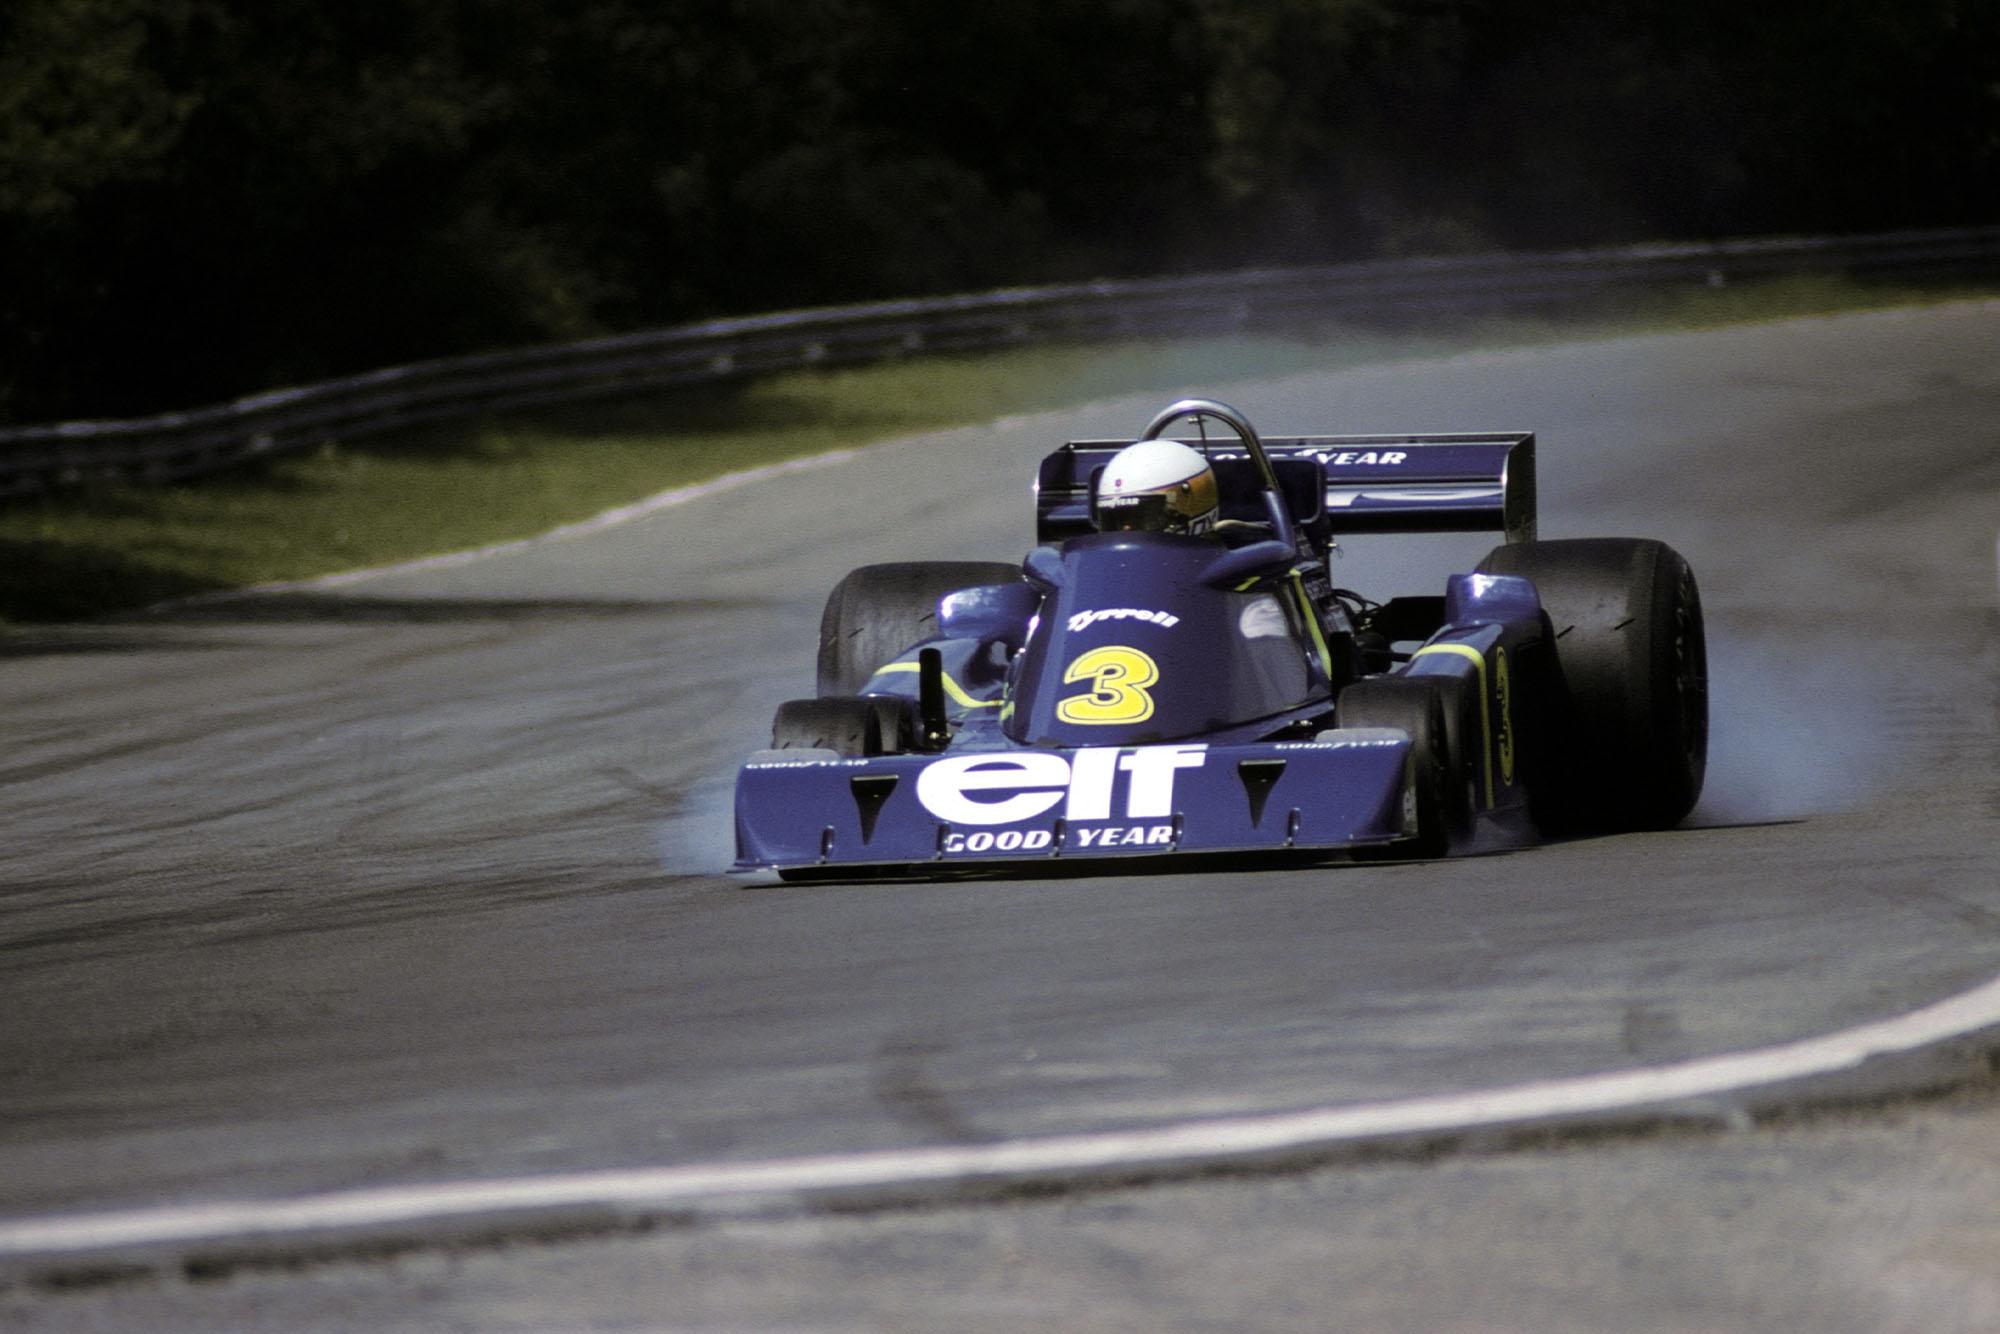 Jody Scheckter (Tyrrell), 1976 Belgian Grand Prix, Zolder.